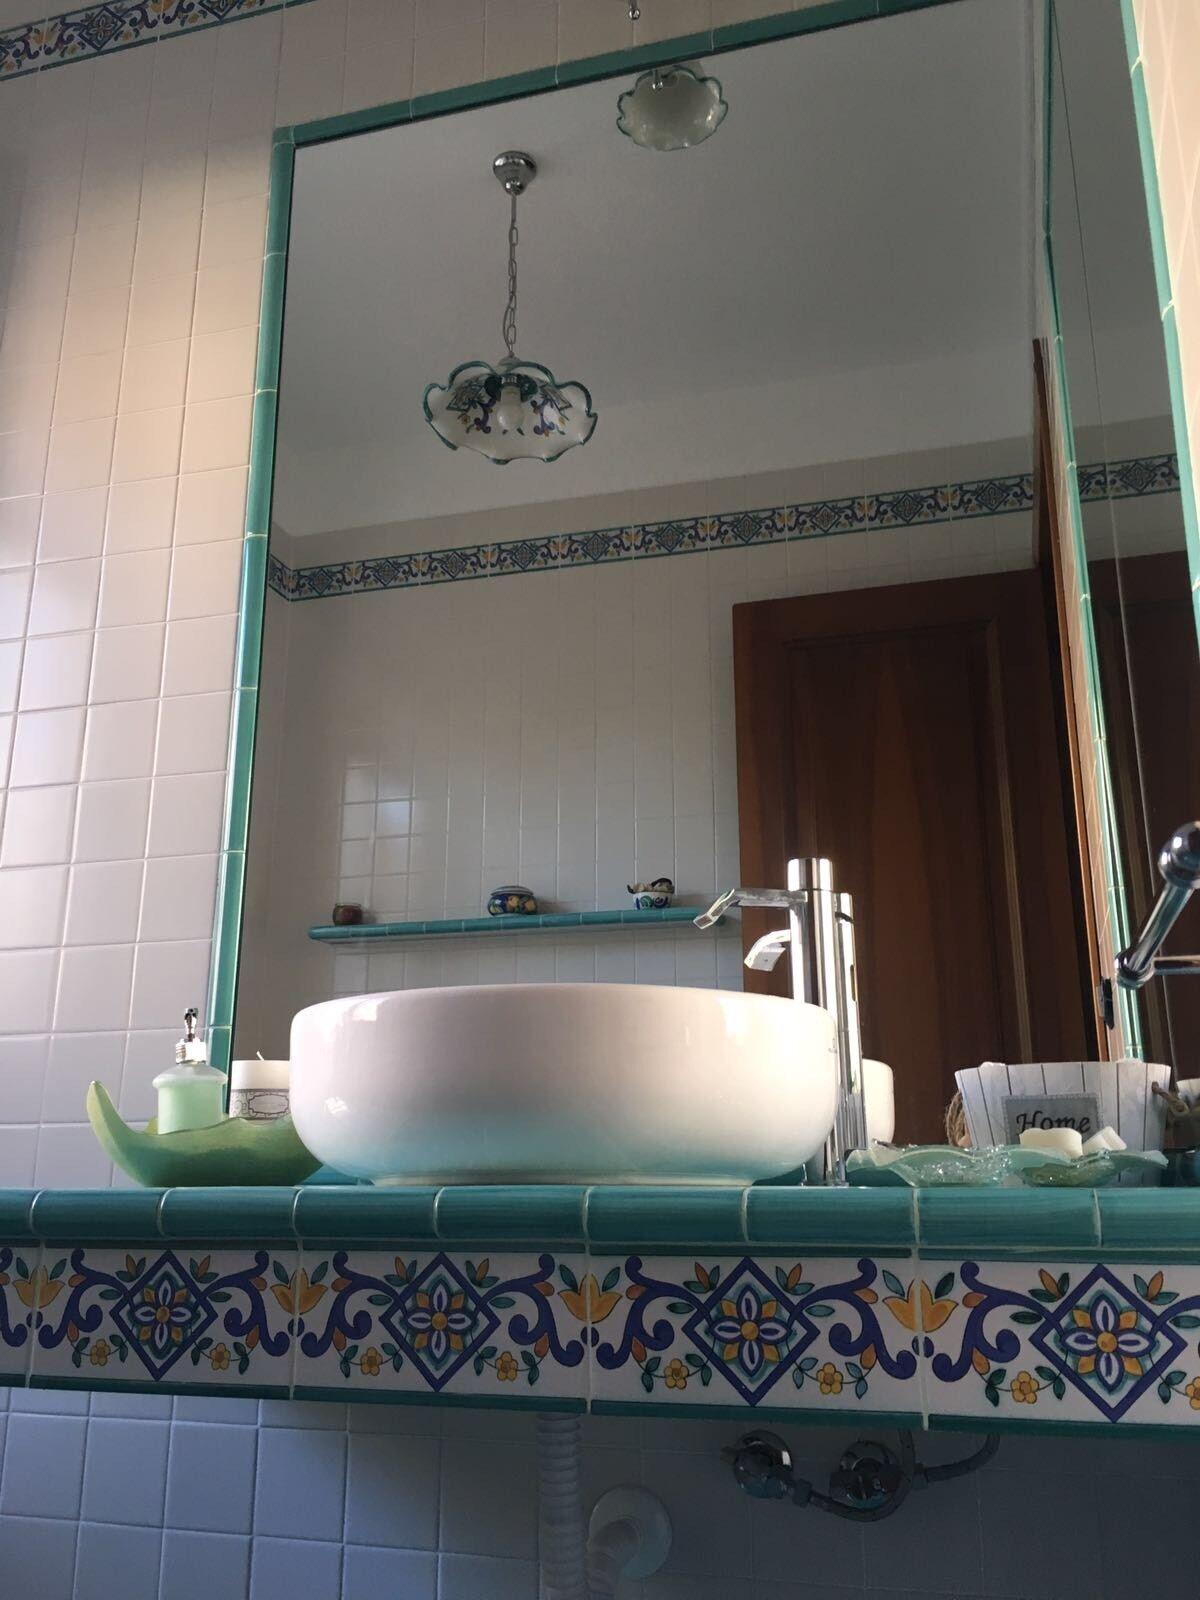 Ceramica Vietri 40 Pz.Listelli 10x20 Decorati a Mano Mano Mano Consegna in 7 gg.Lavorativi 7b113e